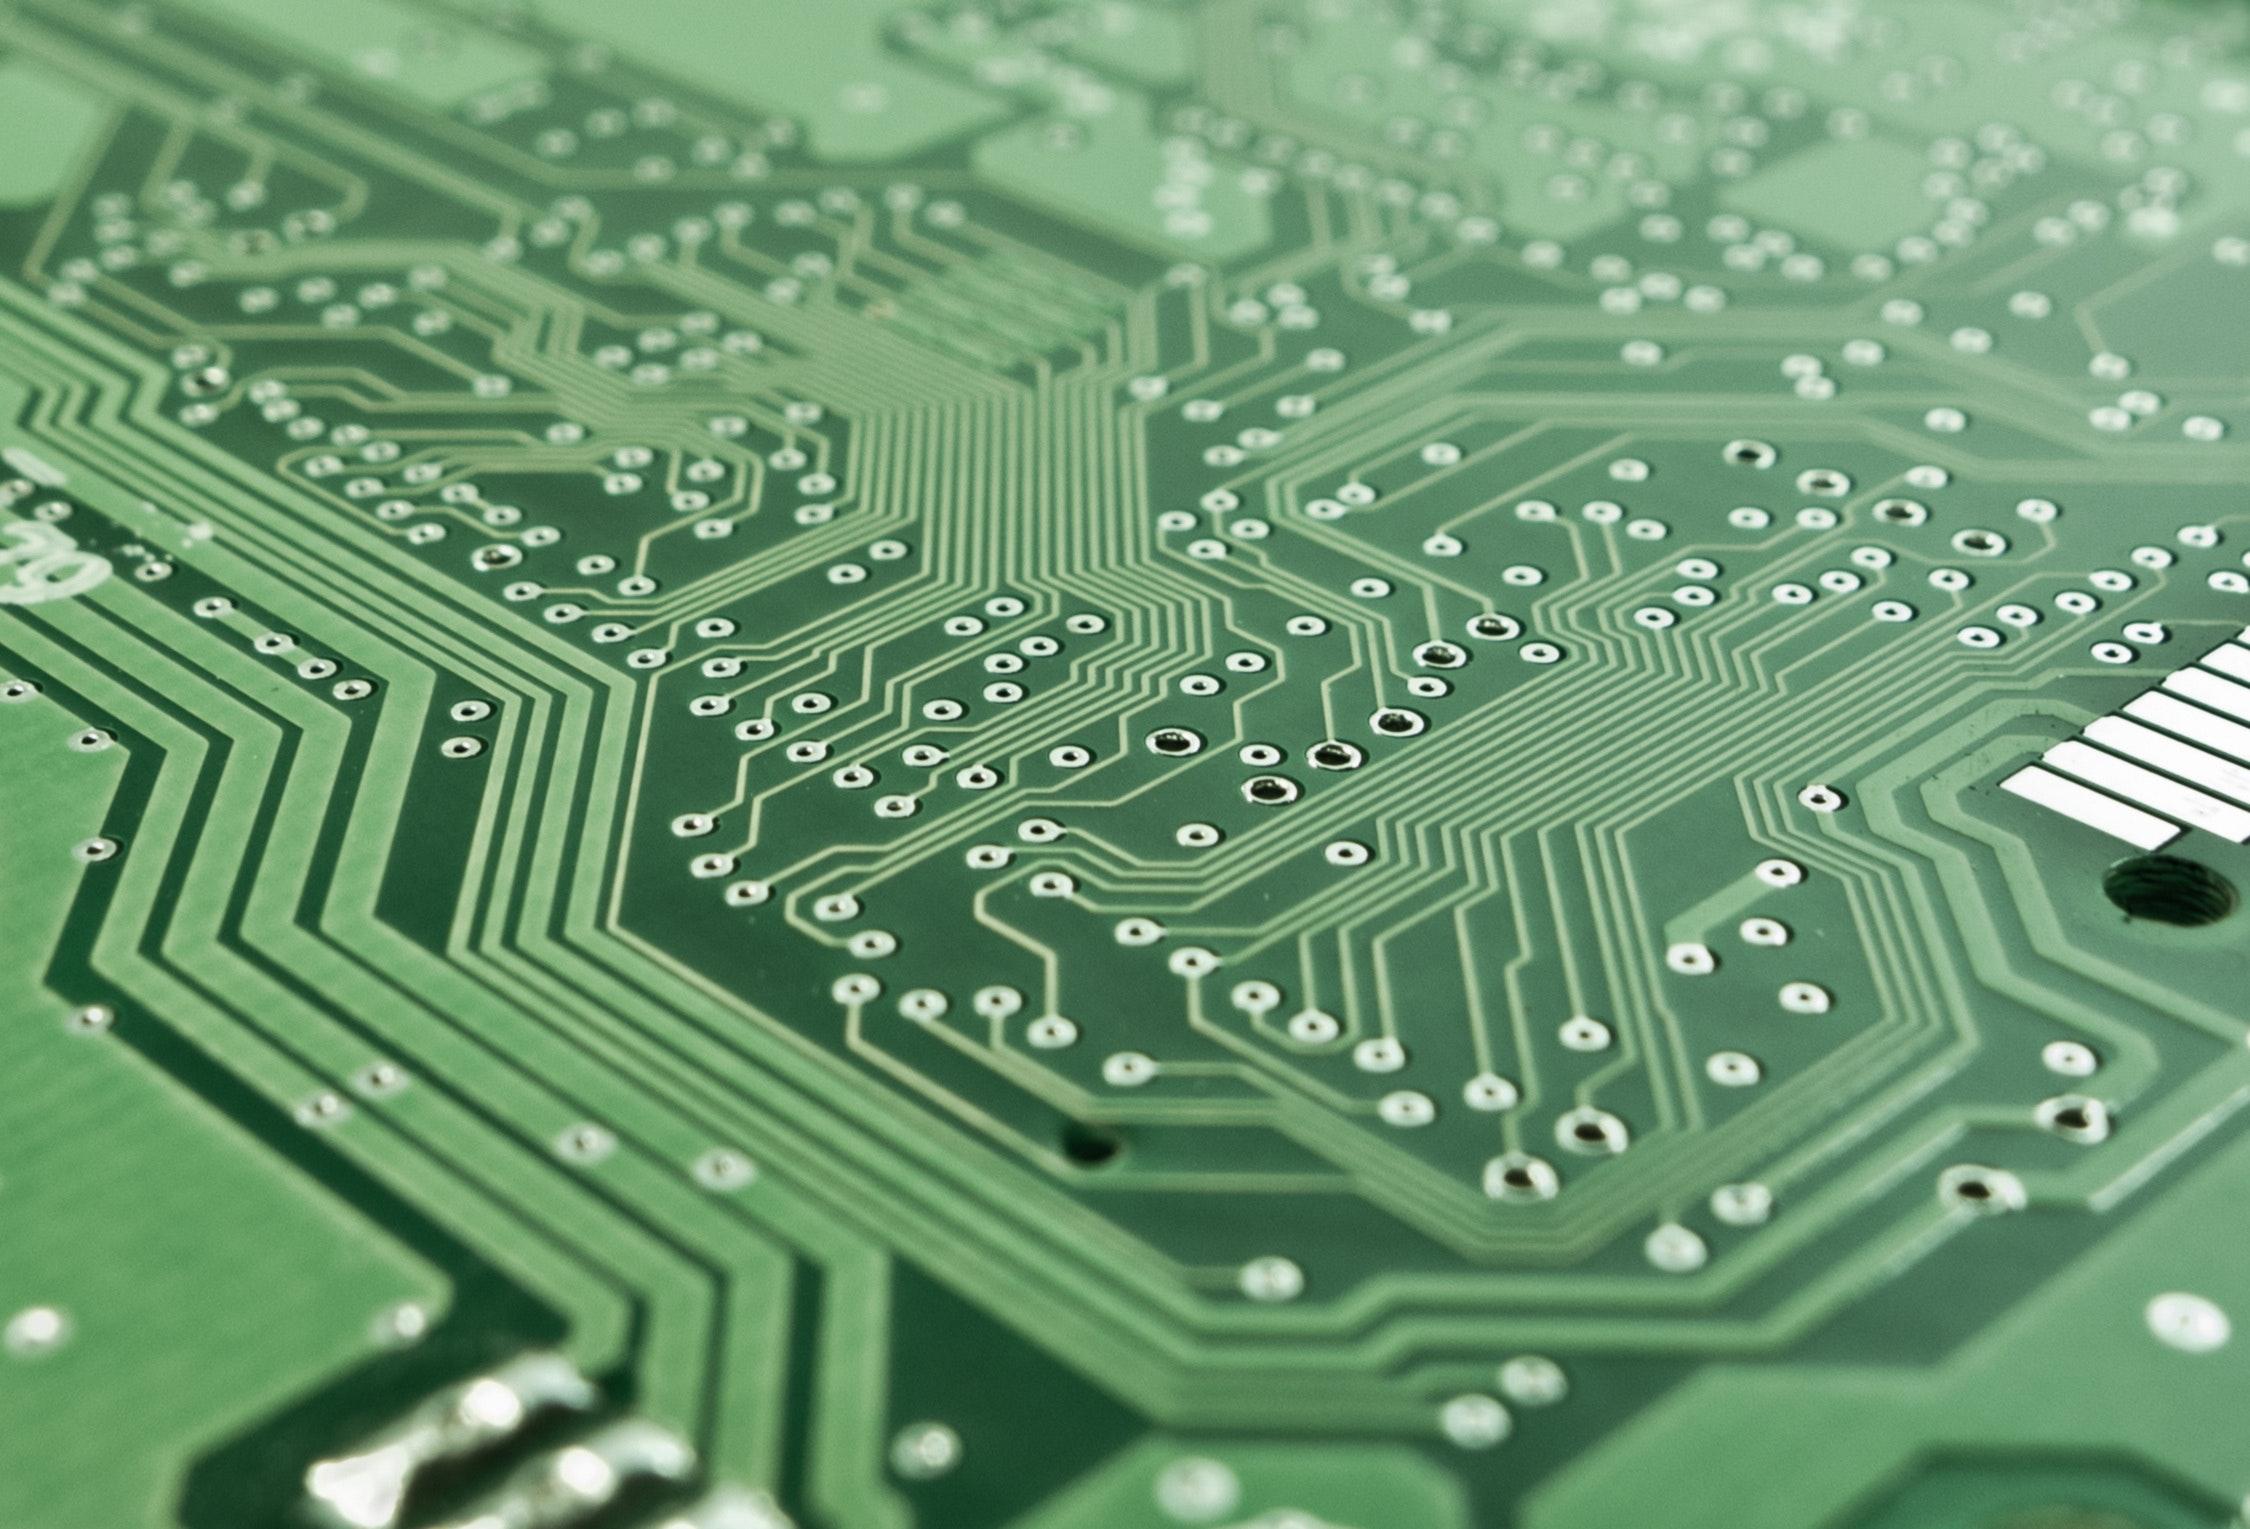 Голям набор от части за лаптоп и комютър – нови и втора употреба